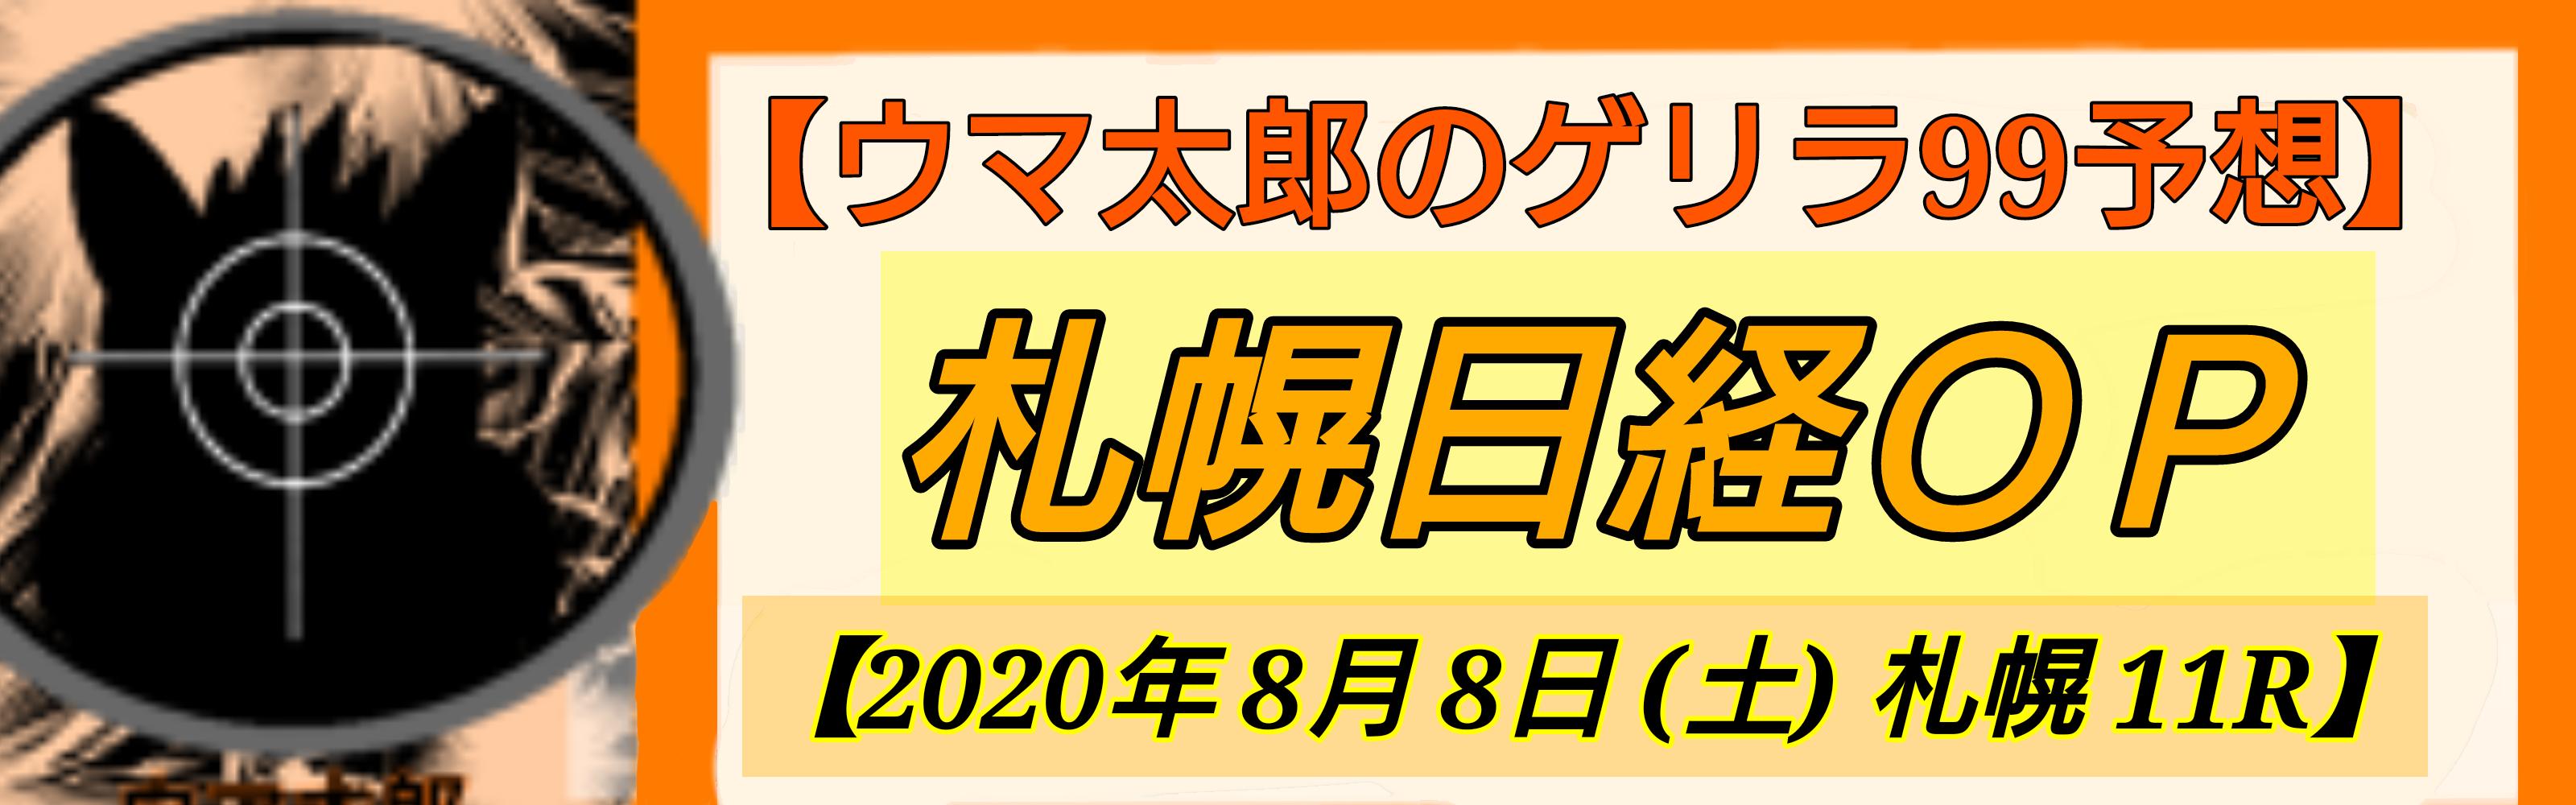 ゲリラ99予想 札幌日経OP